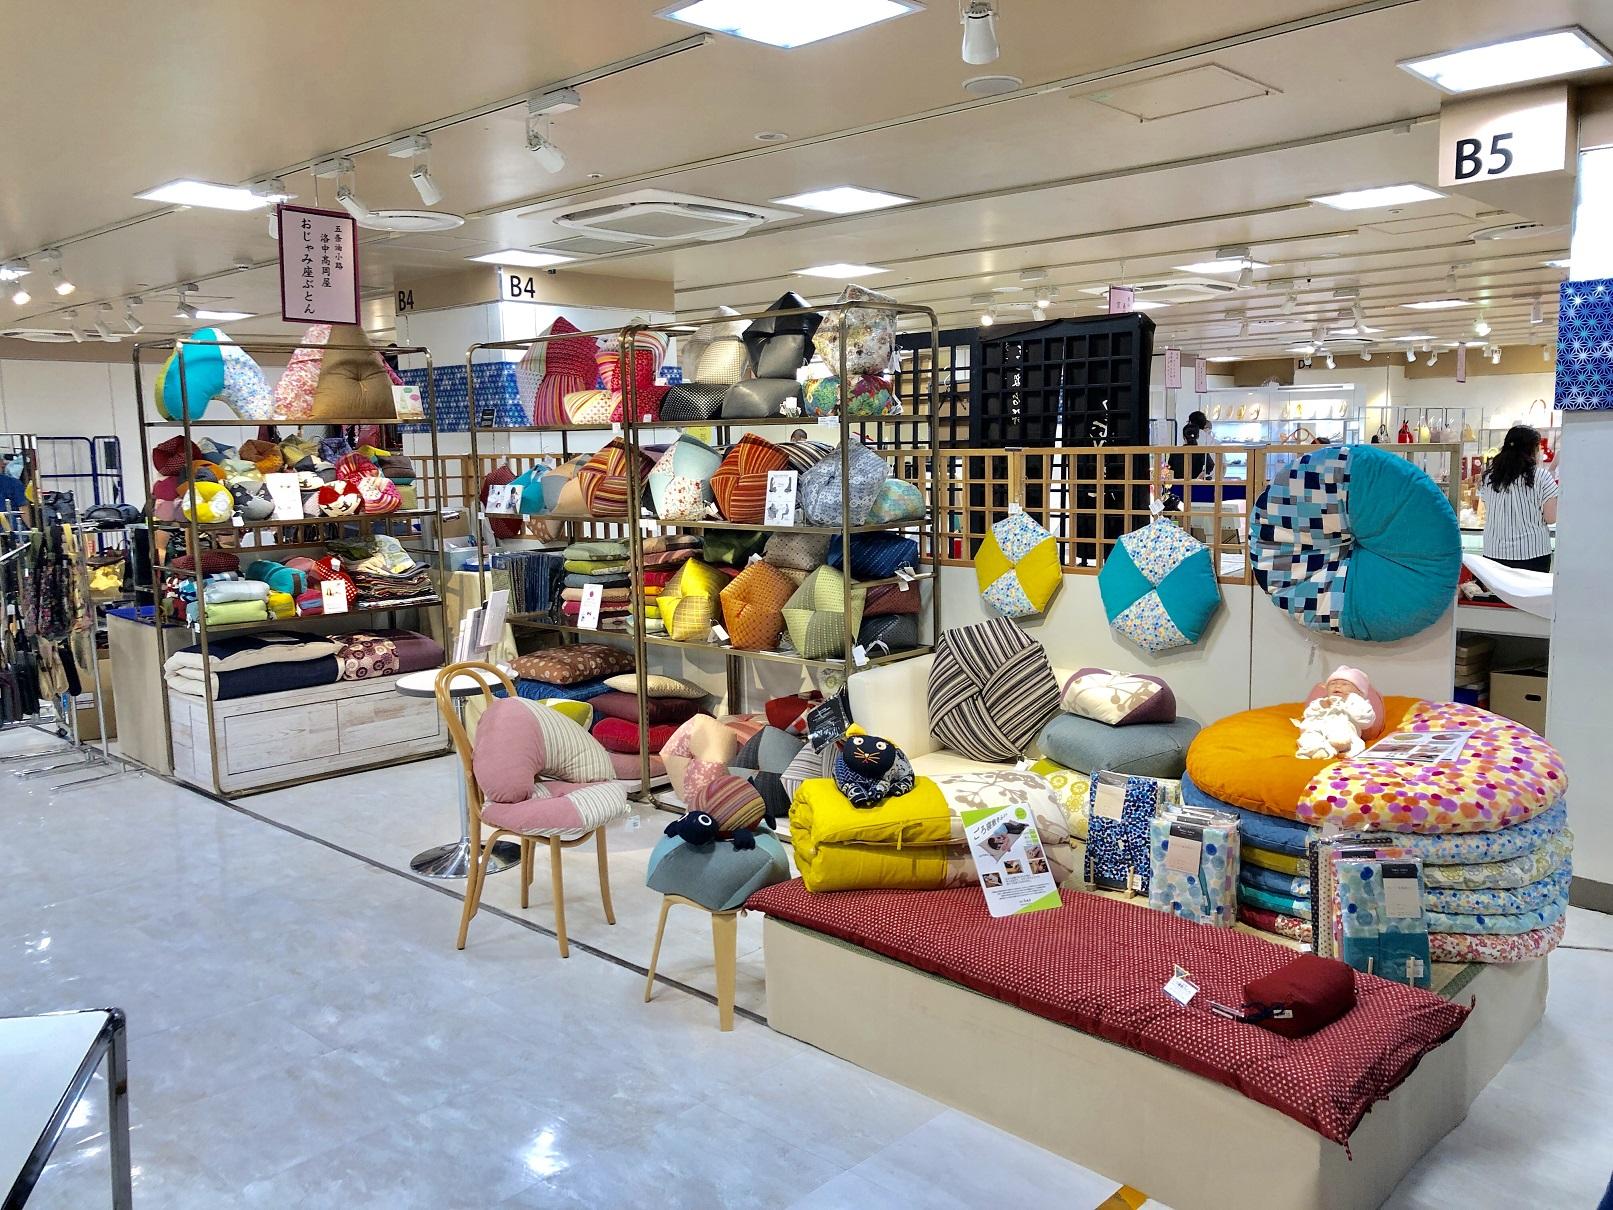 伊勢丹新宿店【伝統とモダンの競演京都展】に出展しています。